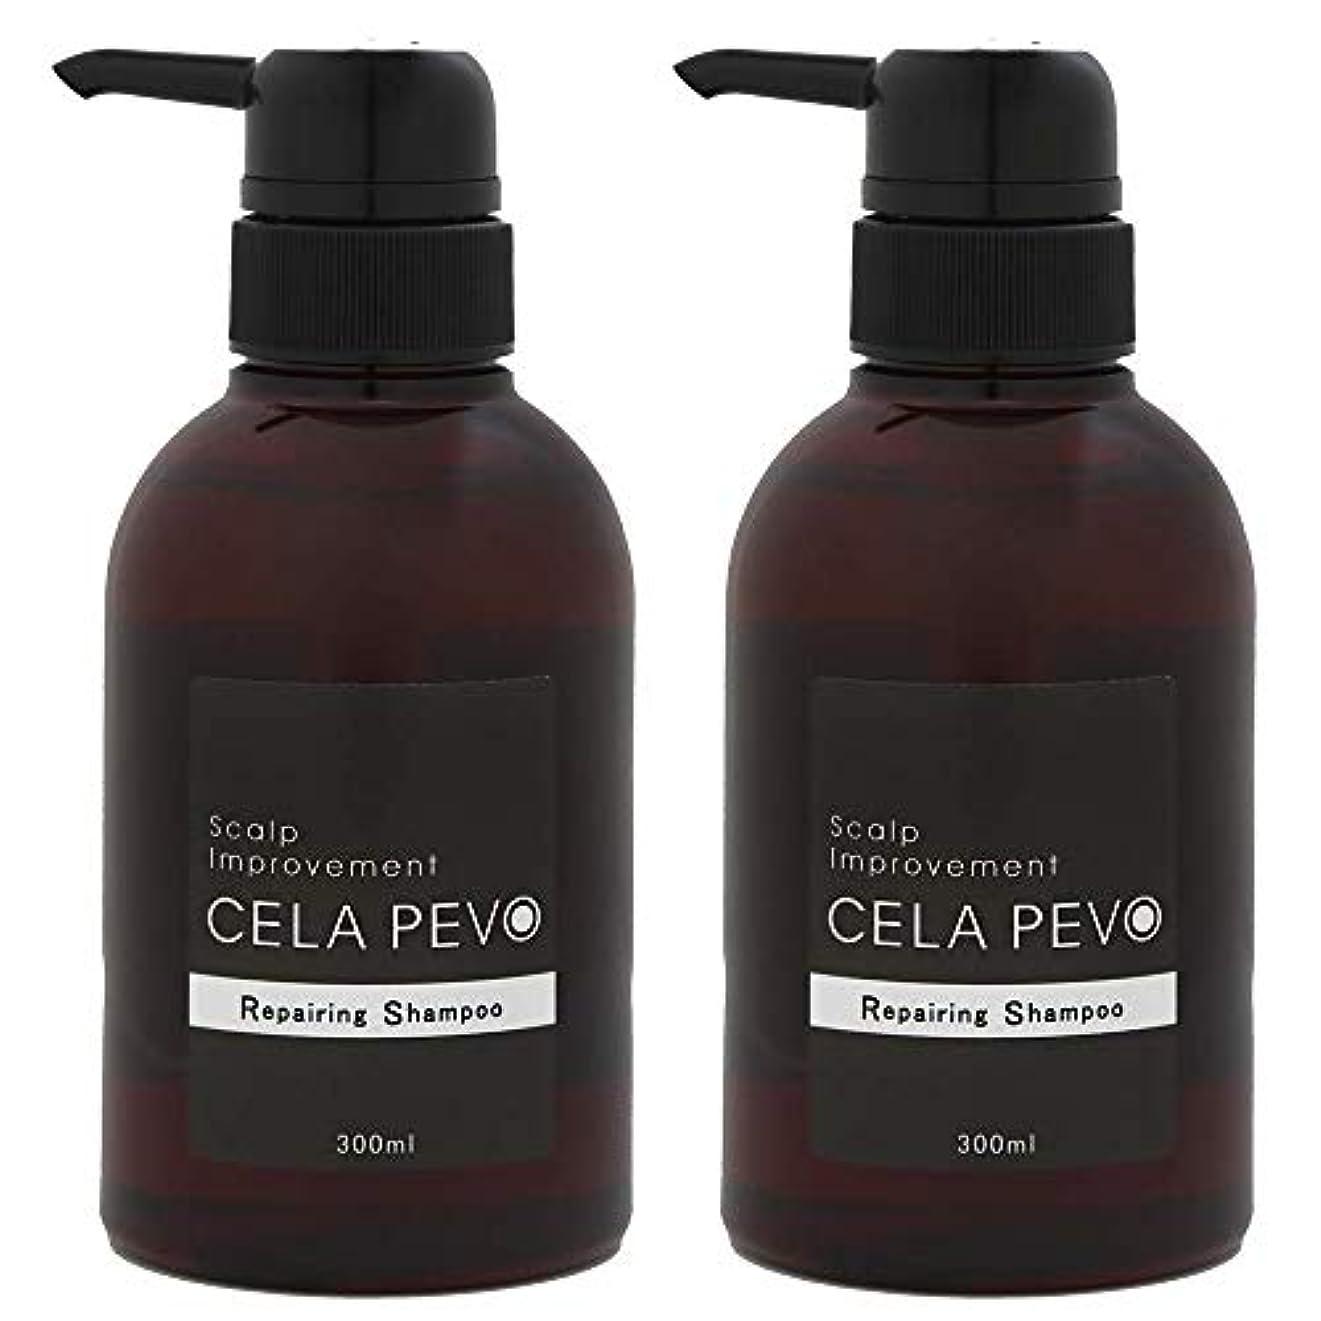 本質的ではない正直長いです【CELA PEVO】メンズ育毛 セラペヴォ シャンプー2本(ヘマチン高配合?アミノ酸系?育毛シャンプー)頭皮のかゆみ抜け毛に!